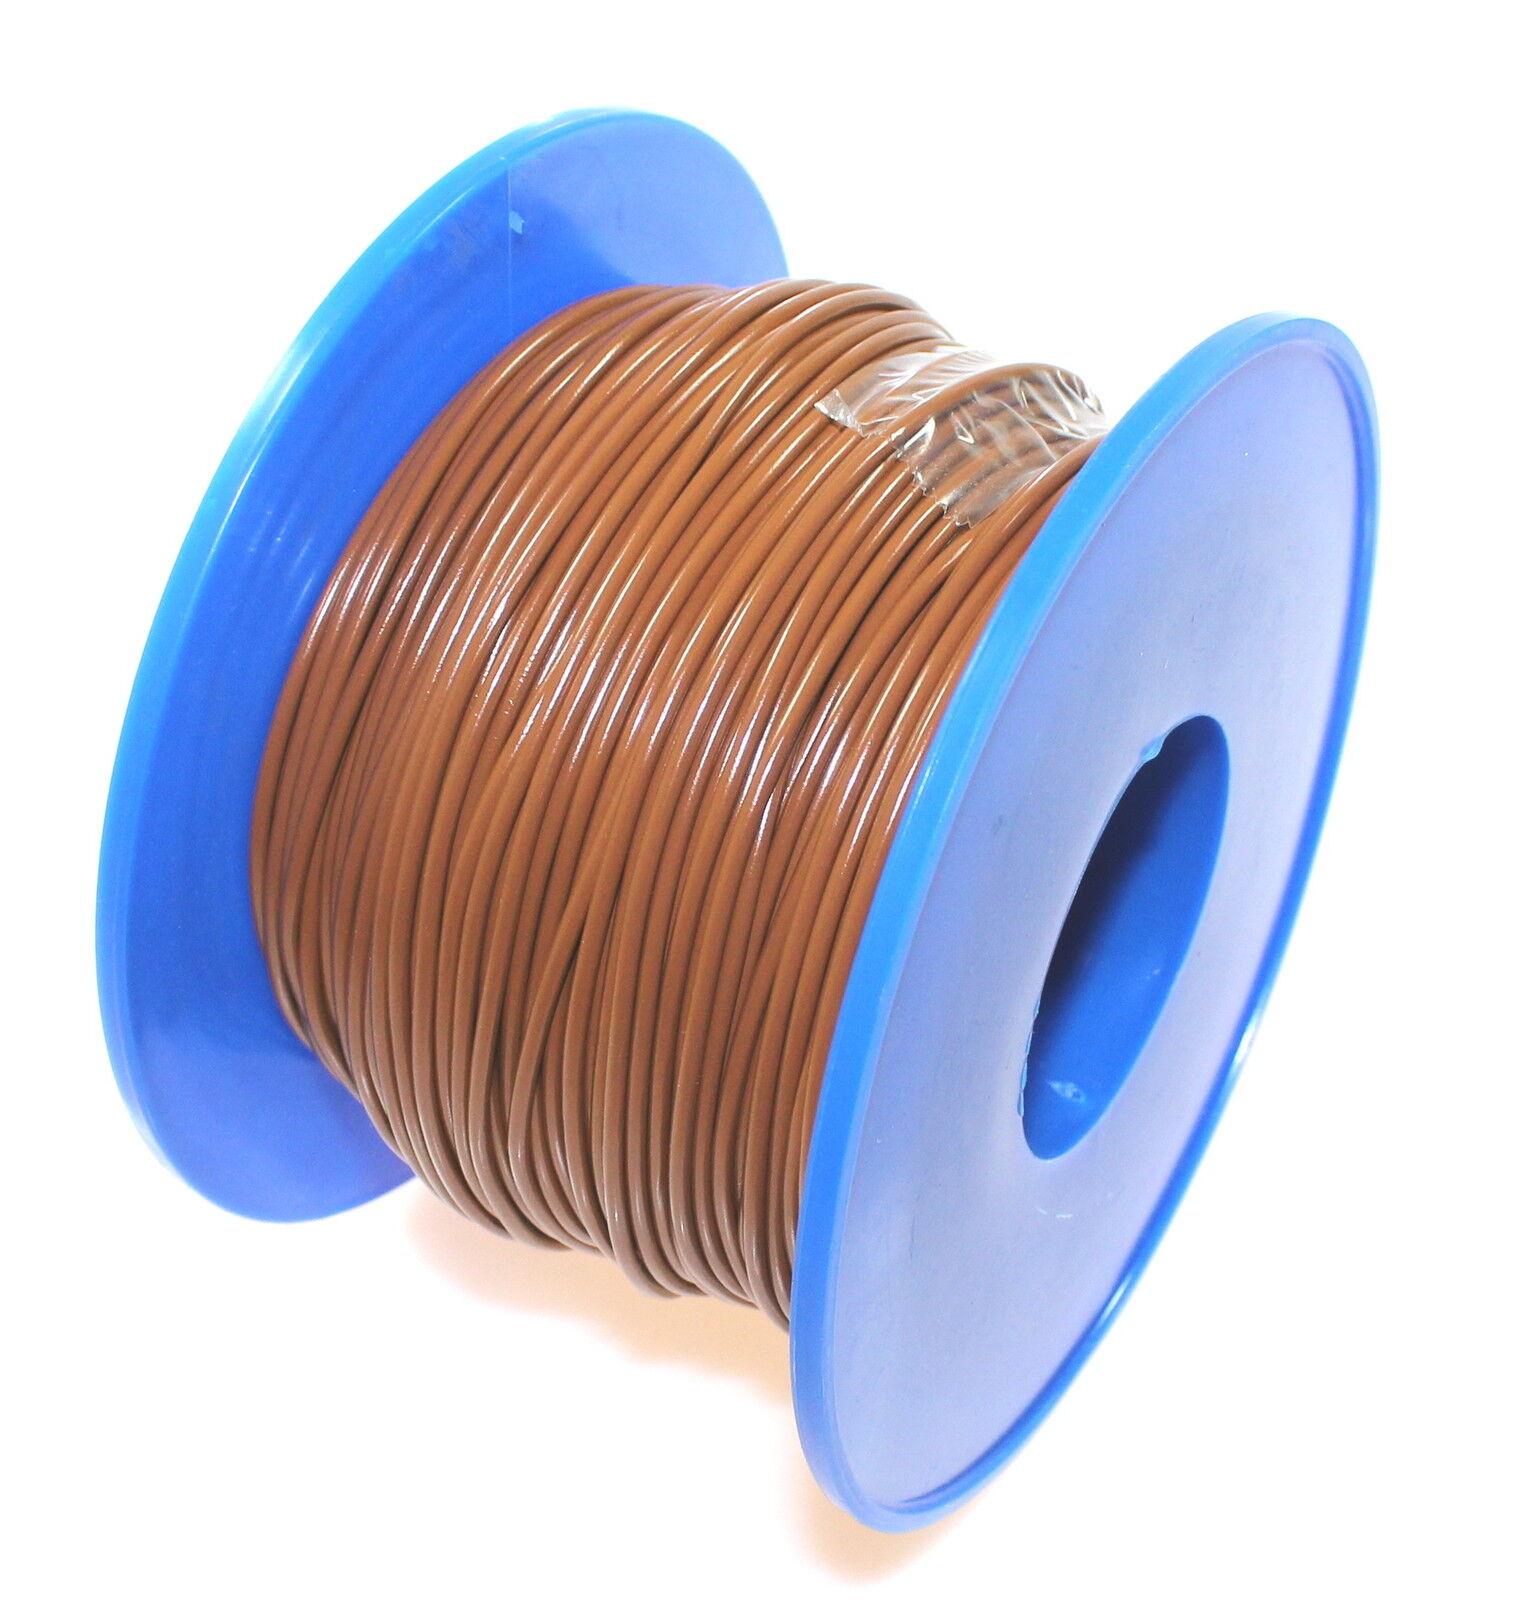 KFZ Kabel Leitung FLRy 1,0mm² 100m braun Fahrzeug Auto LKW Stromkabel FLY   Starke Hitze- und Abnutzungsbeständigkeit